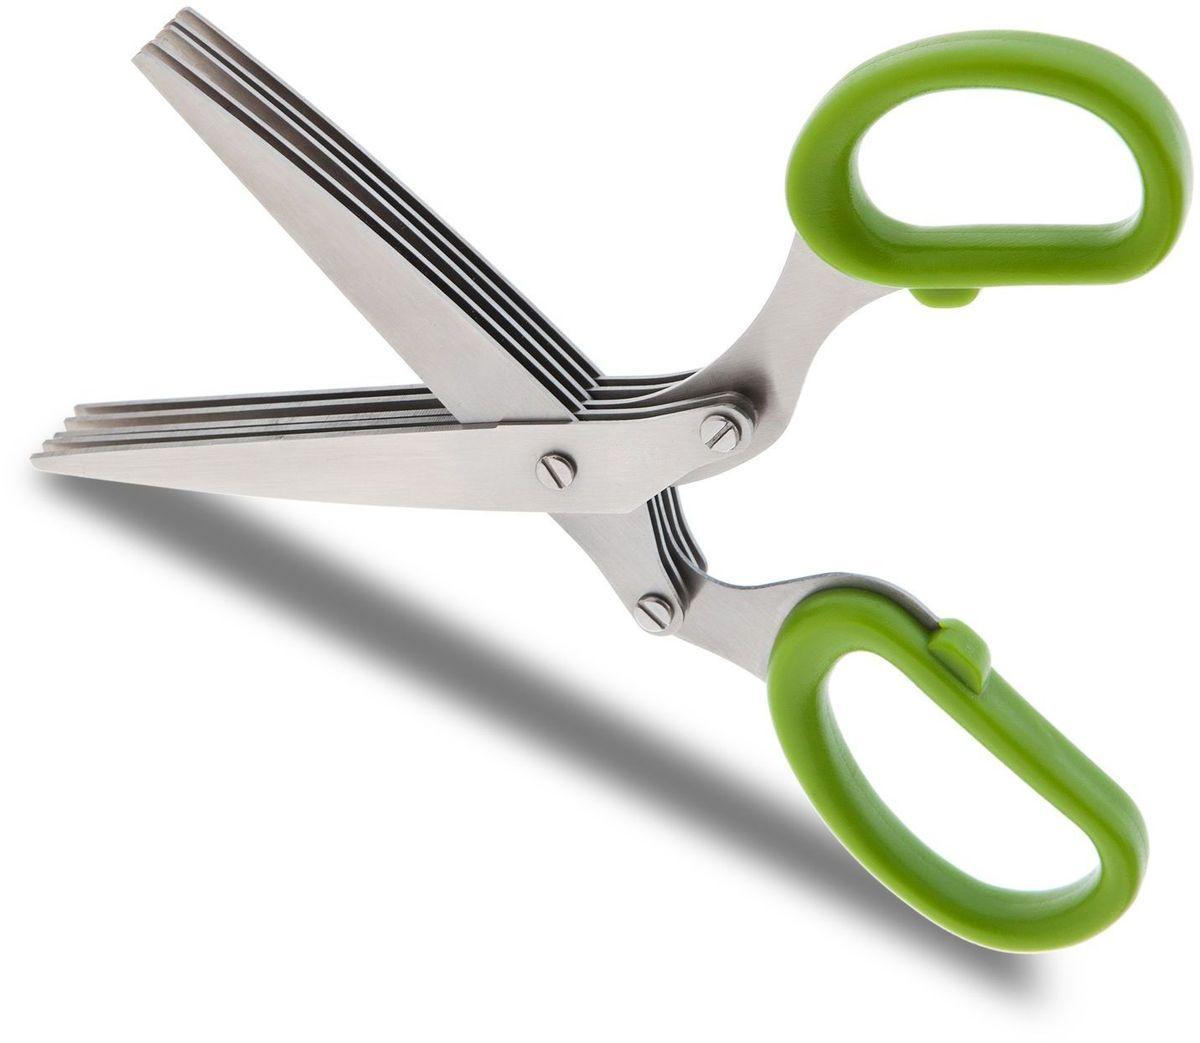 Sinbo STO 6522 ножницы кухонныеSTO 6522Кухонные ножницы Sinbo STO 6522 позволяют шинковать зелень просто и быстро, не прикладывая лишних усилий.